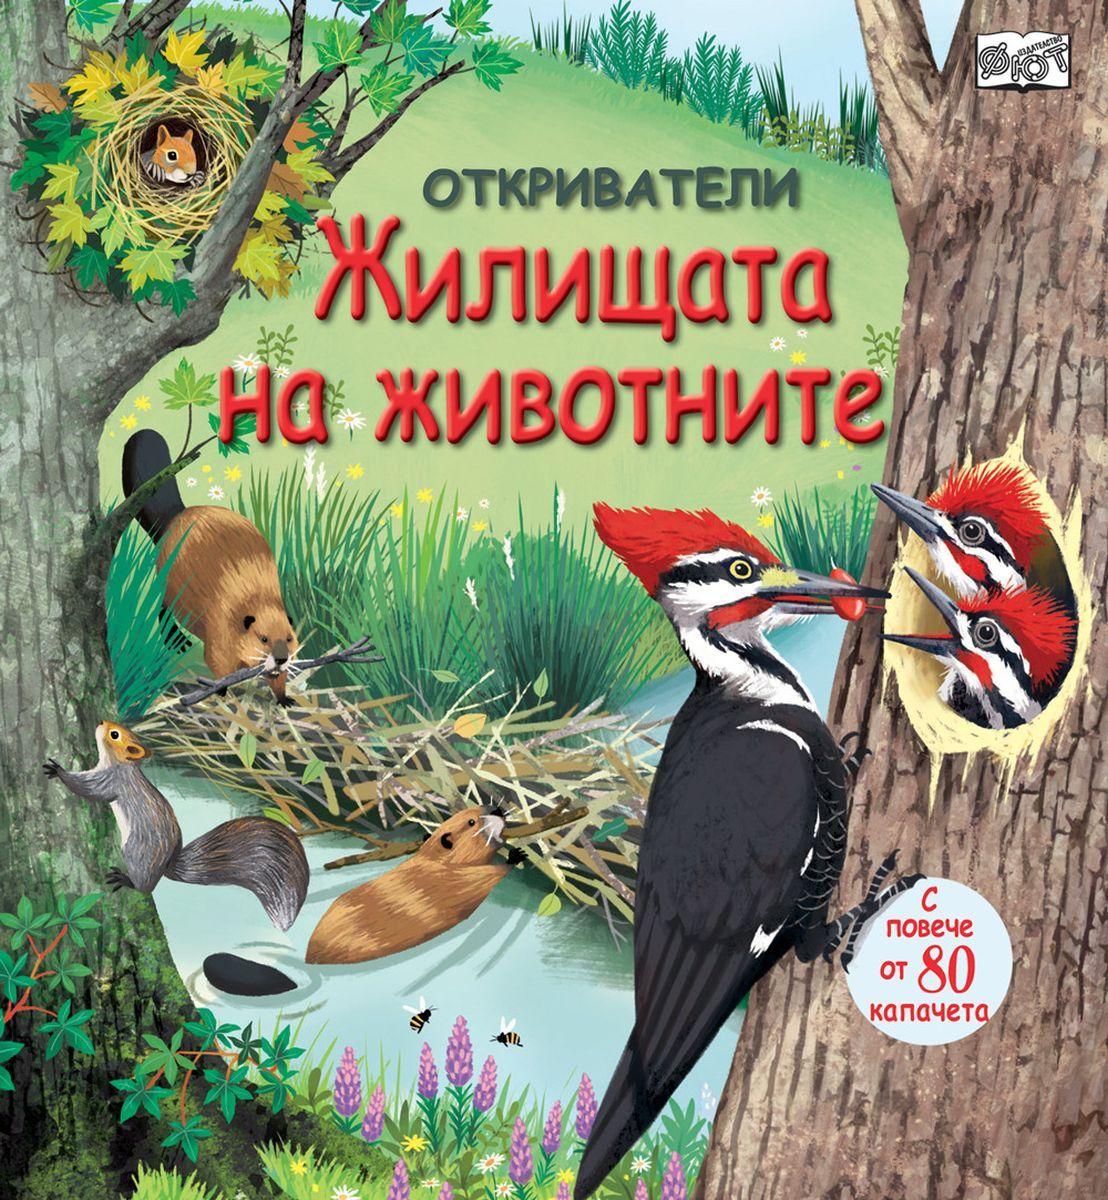 Откриватели: Жилищата на животните - Енциклопедия с капачета